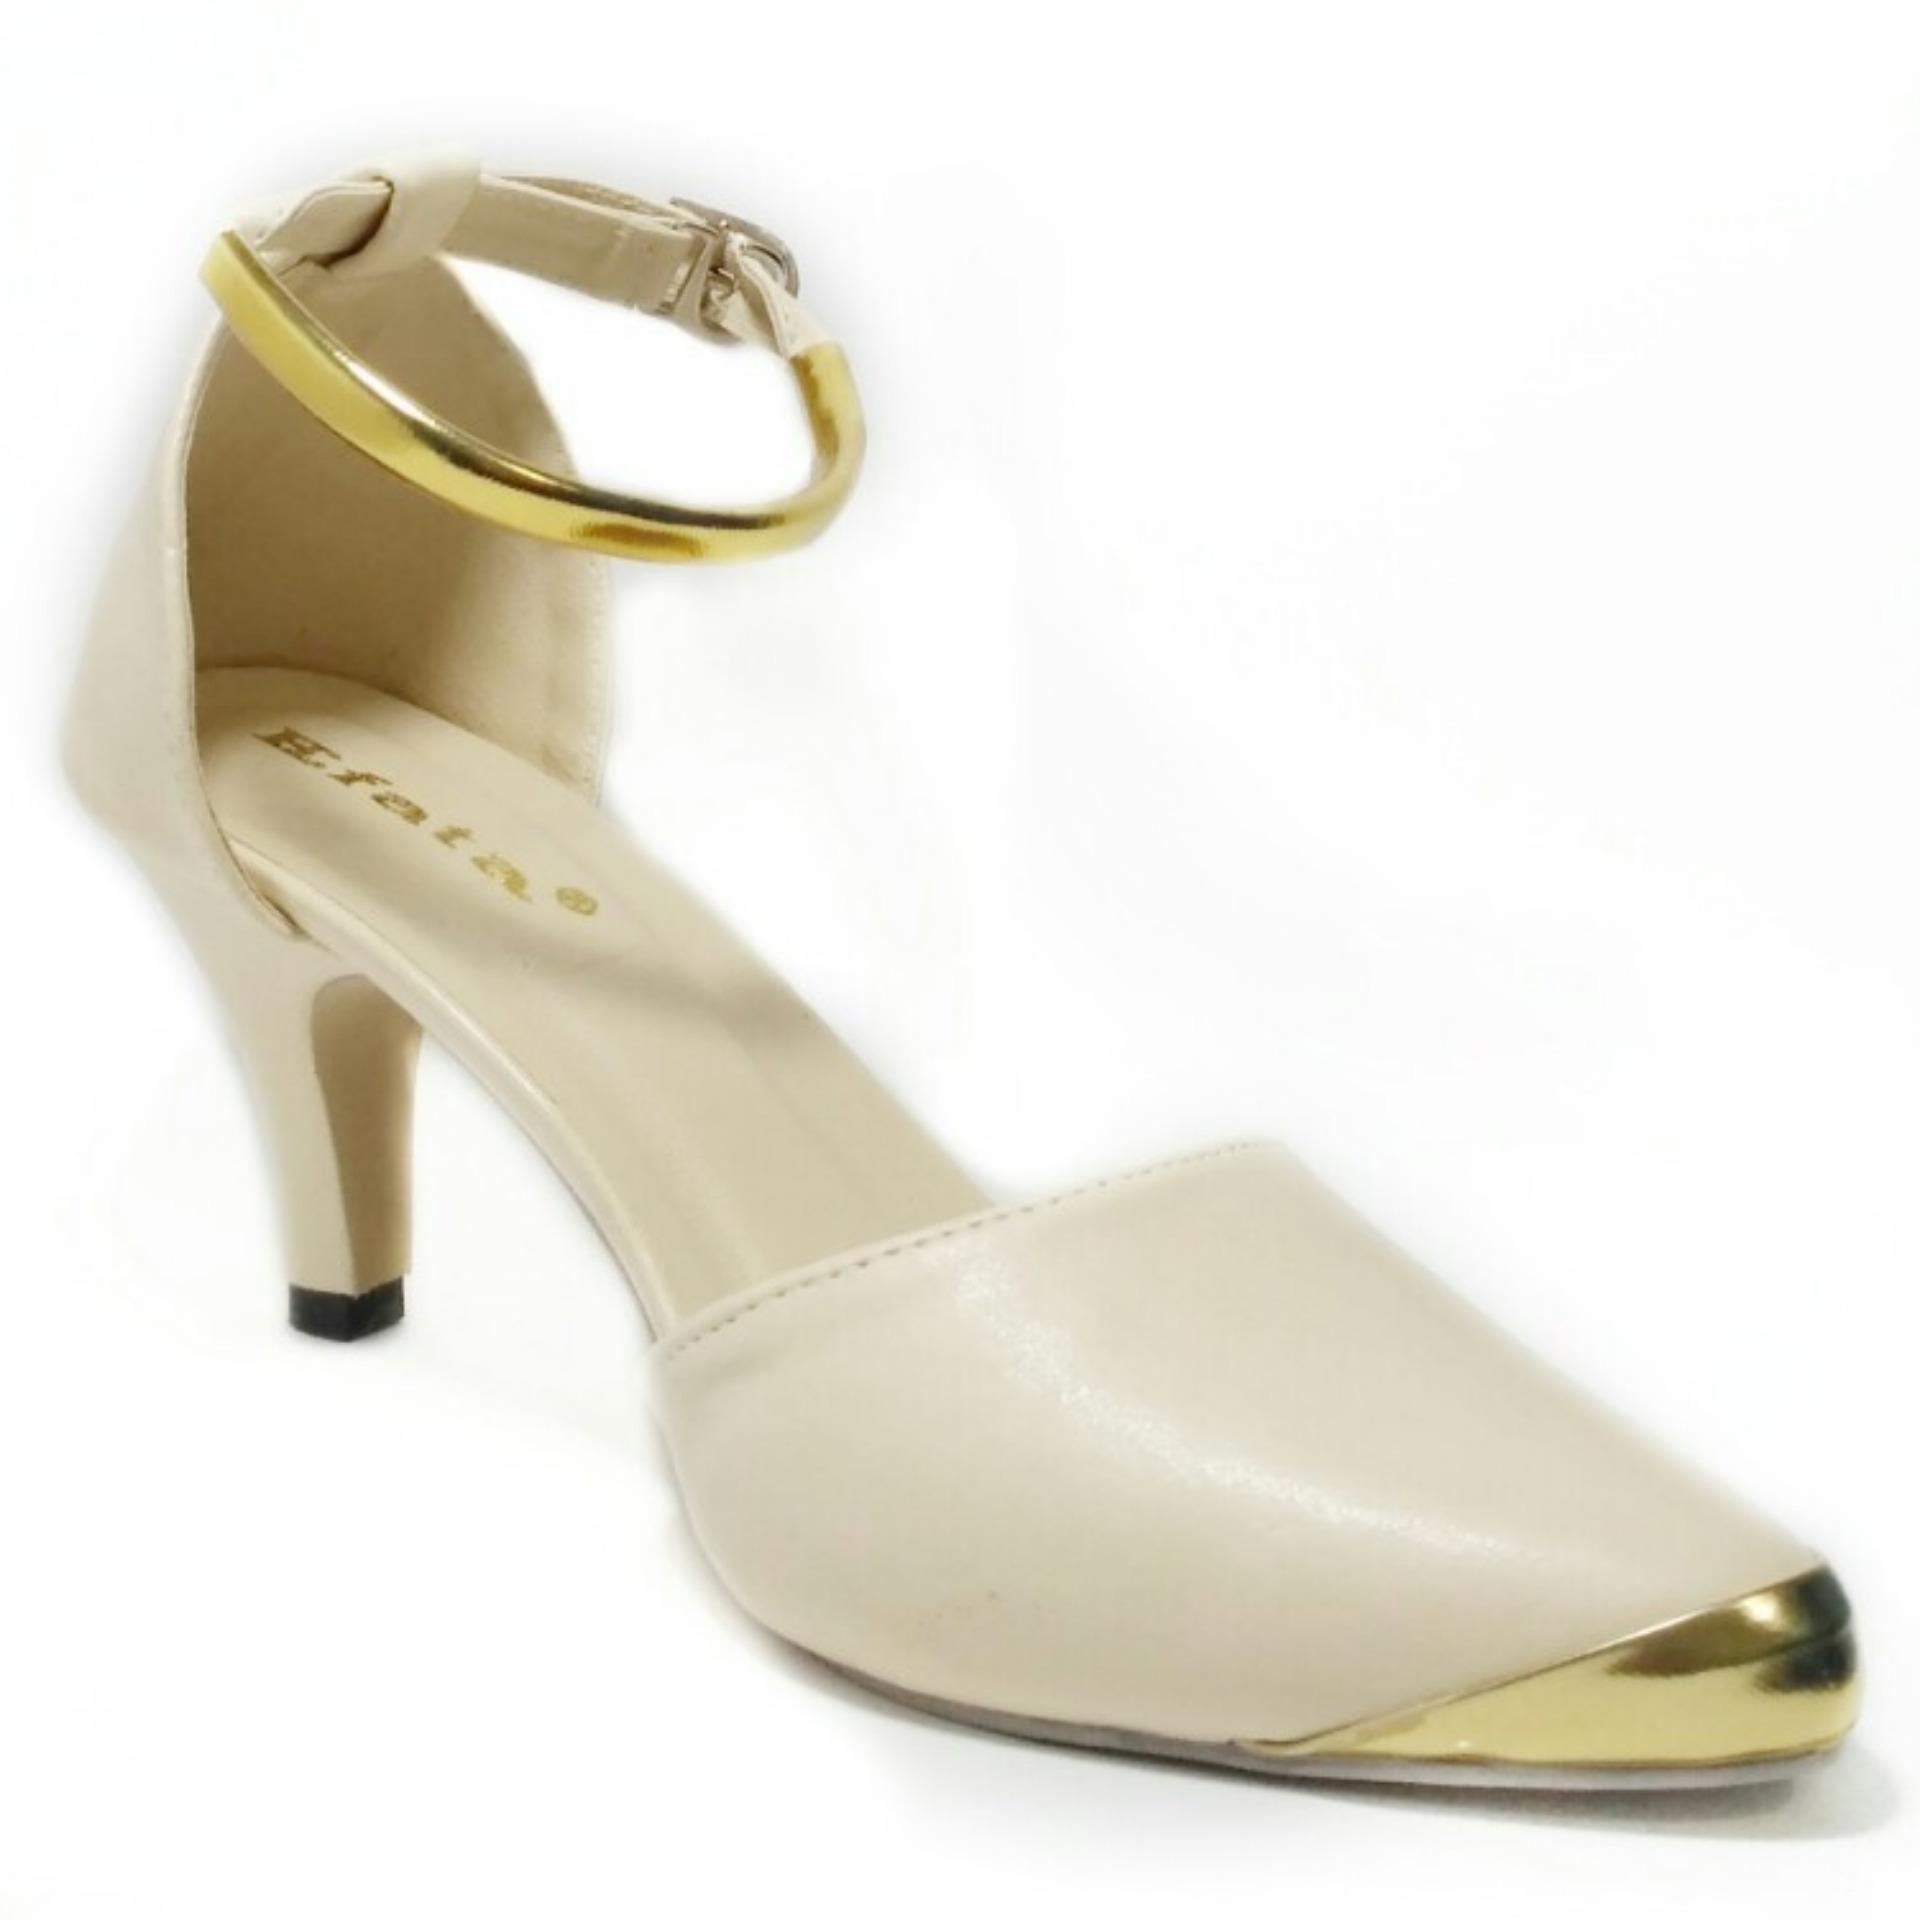 Harga Sepatu Murah High Heels Wanita Gp06 Cream Termurah